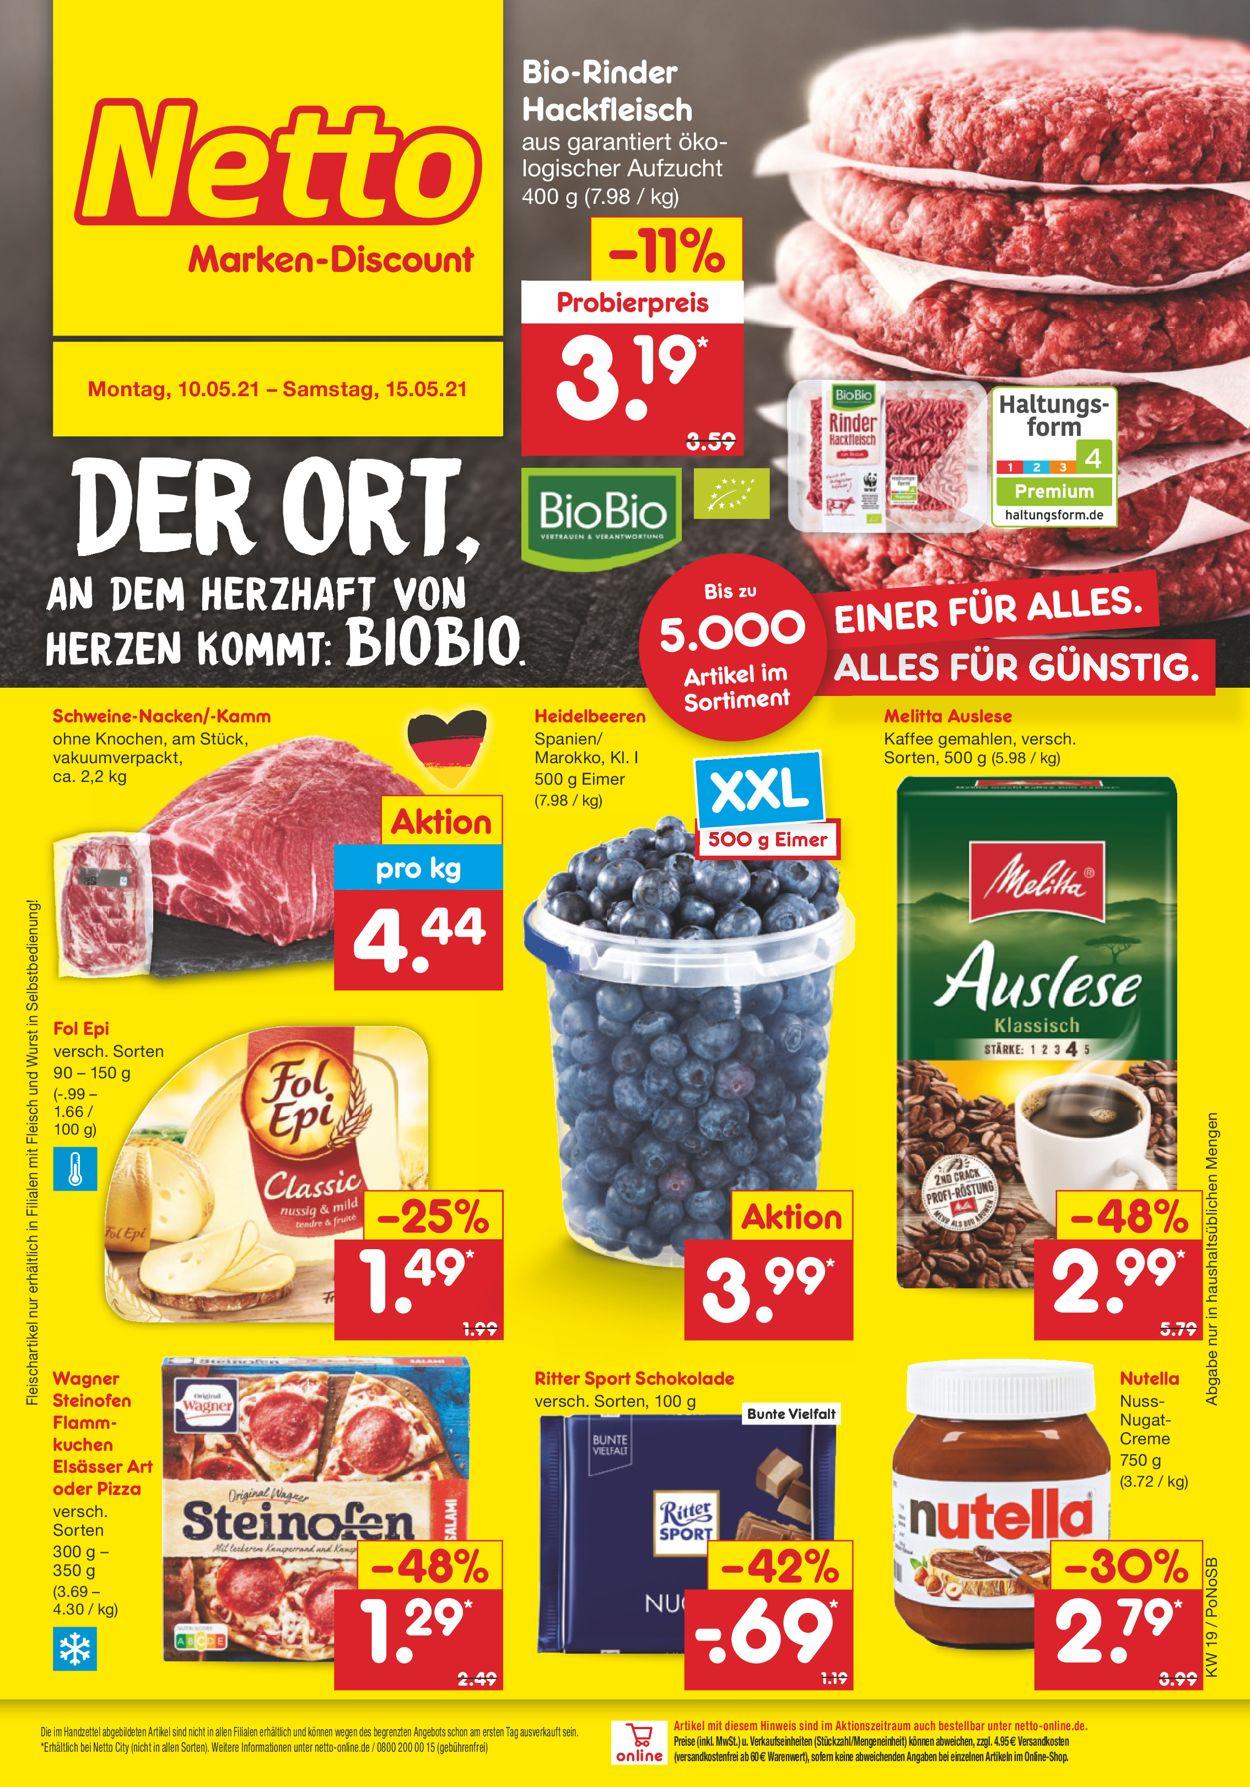 Netto Marken-Discount Prospekt - Aktuell vom 10.05-15.05.2021